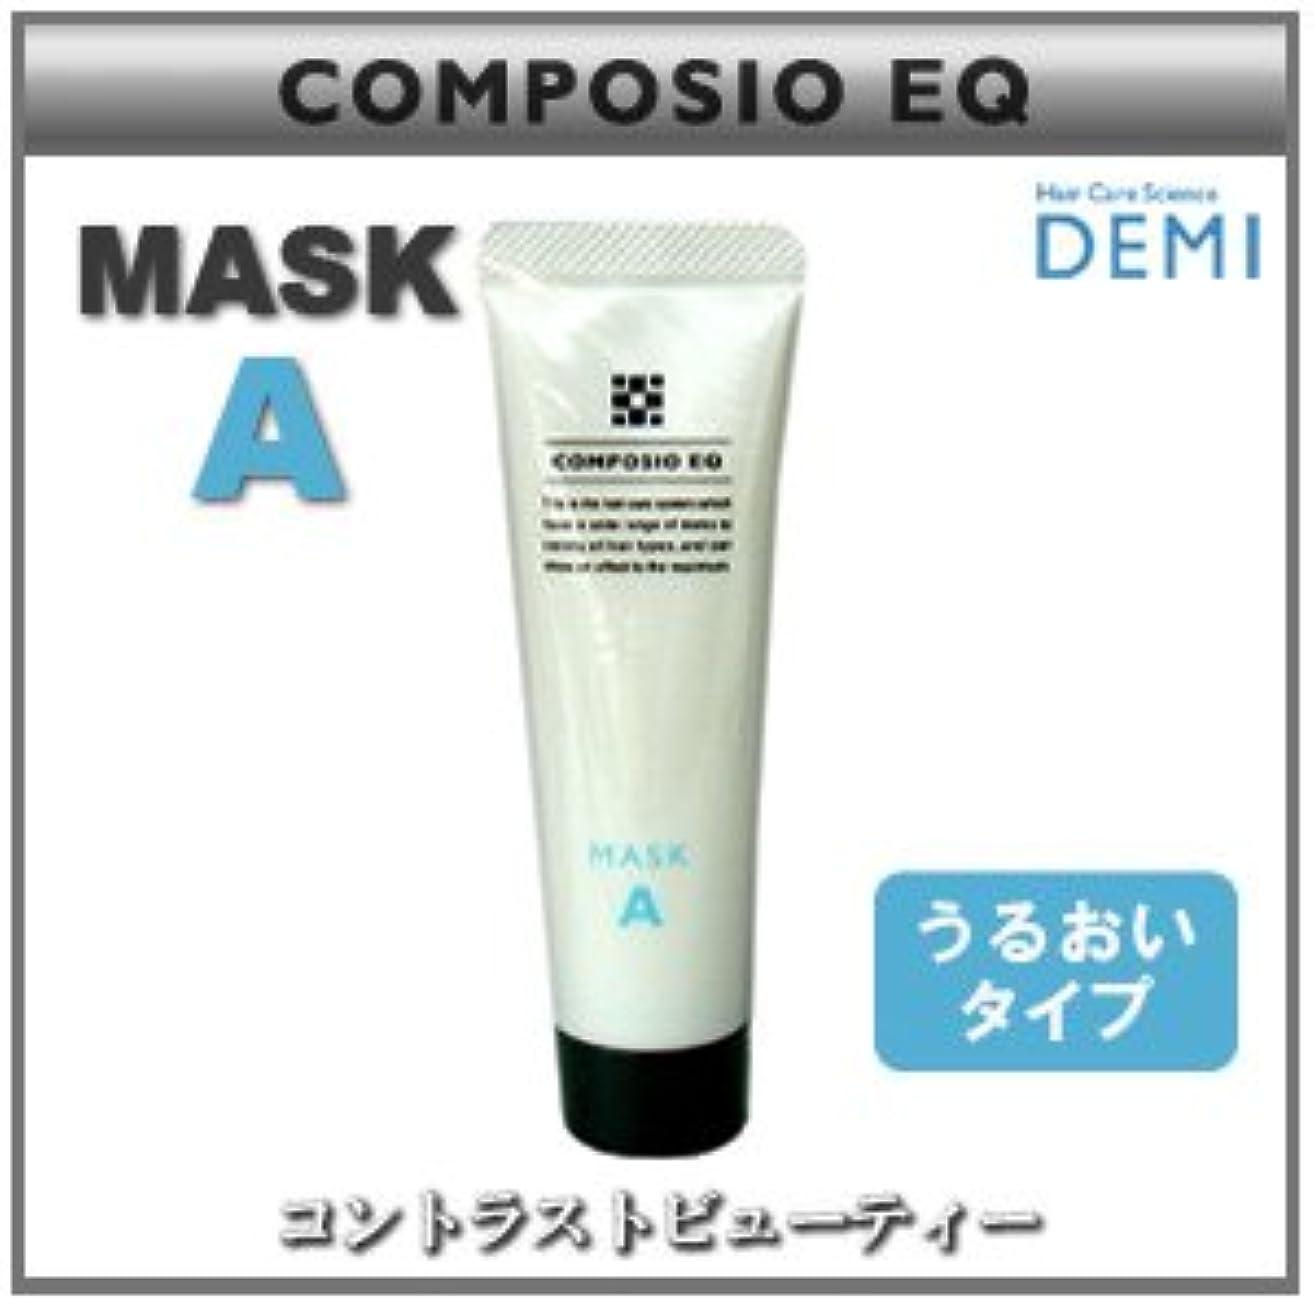 ヒギンズ多くの危険がある状況人口【X4個セット】 デミ コンポジオ EQ マスク A 50g